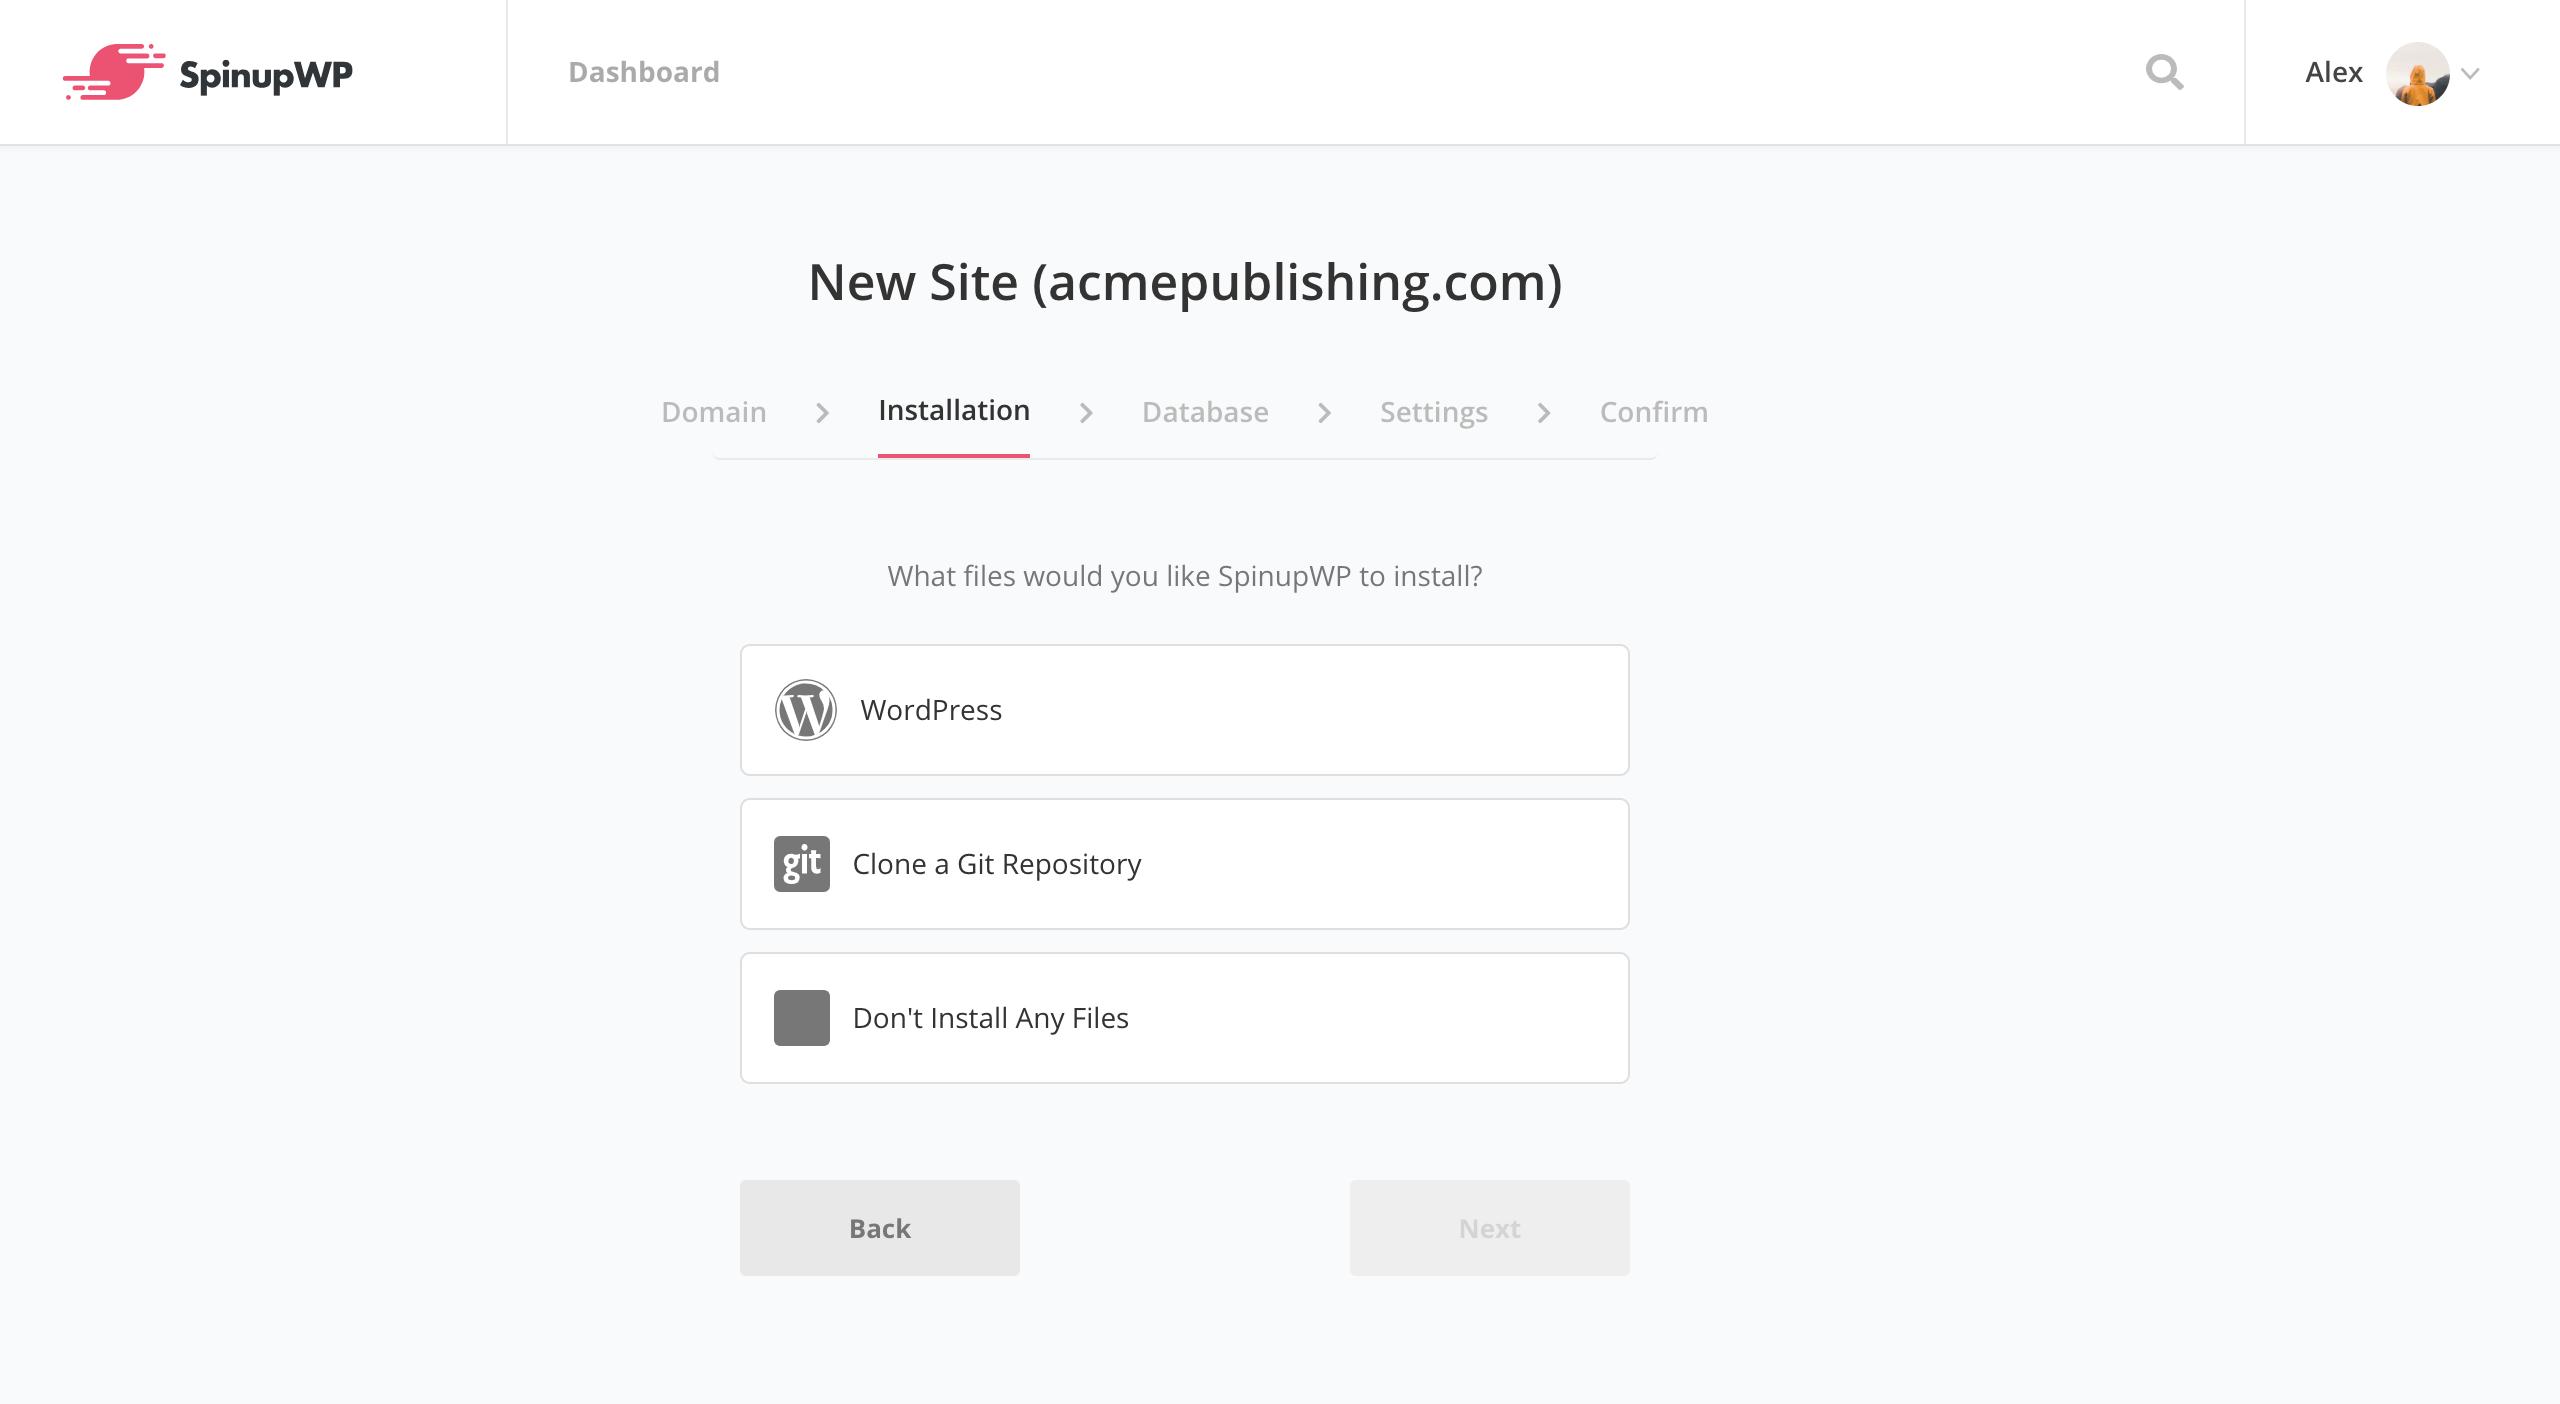 SpinupWP new site installation